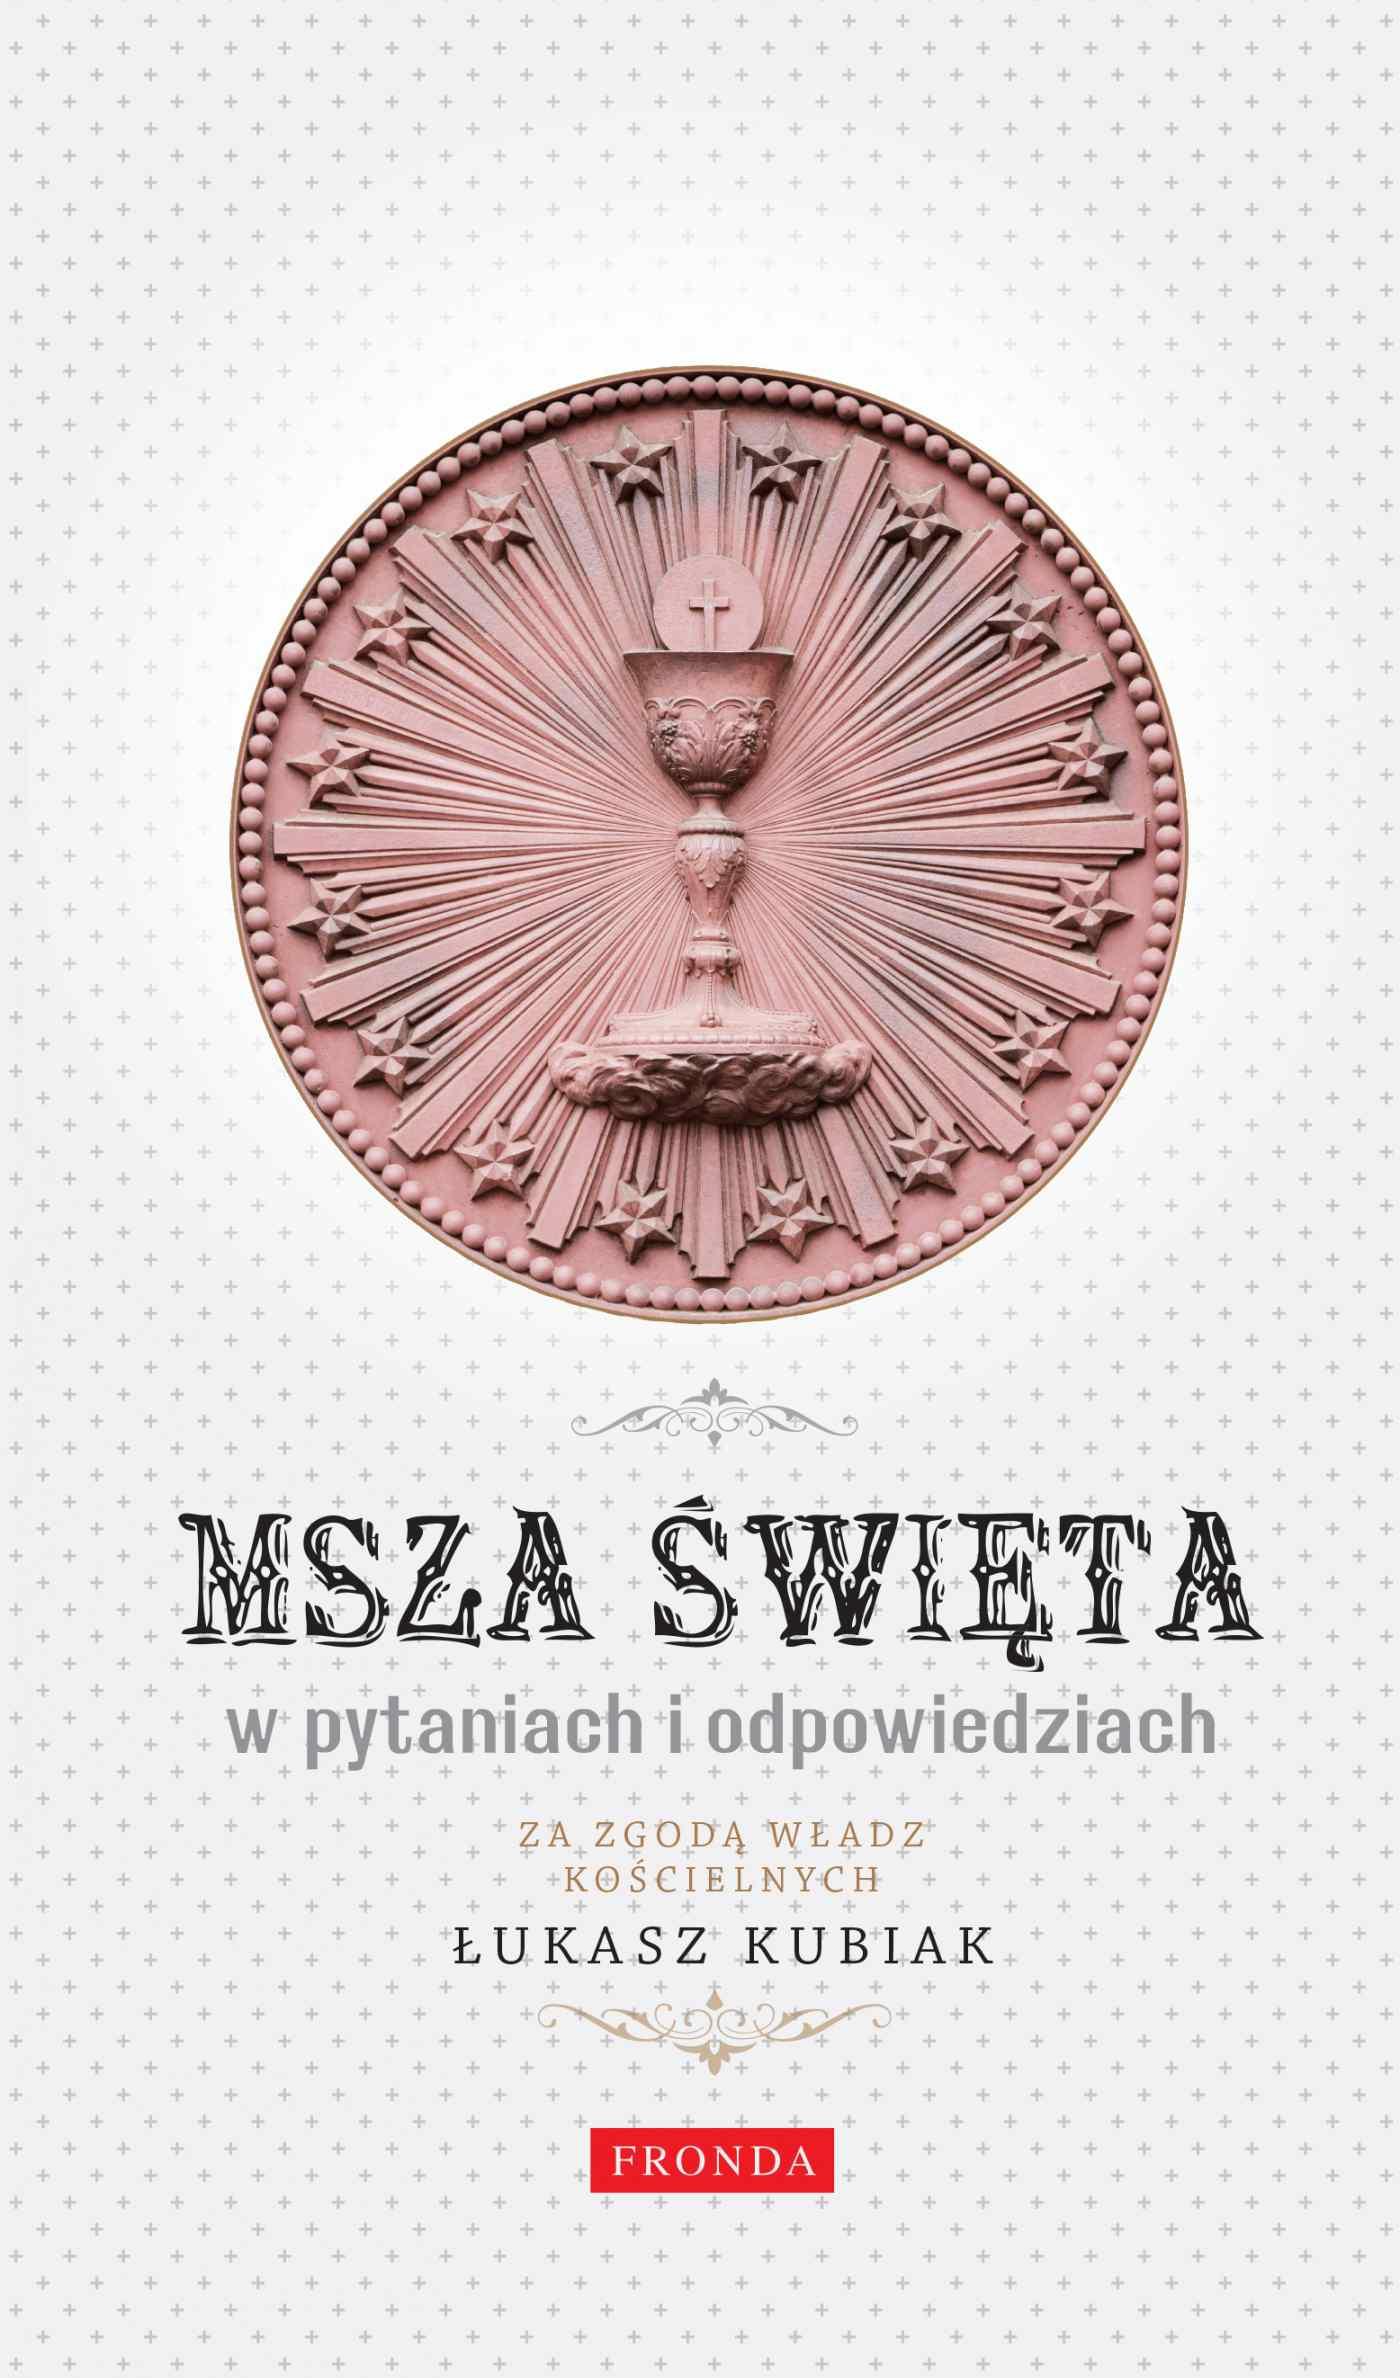 Msza święta w pytaniach i odpowiedziach - Ebook (Książka PDF) do pobrania w formacie PDF